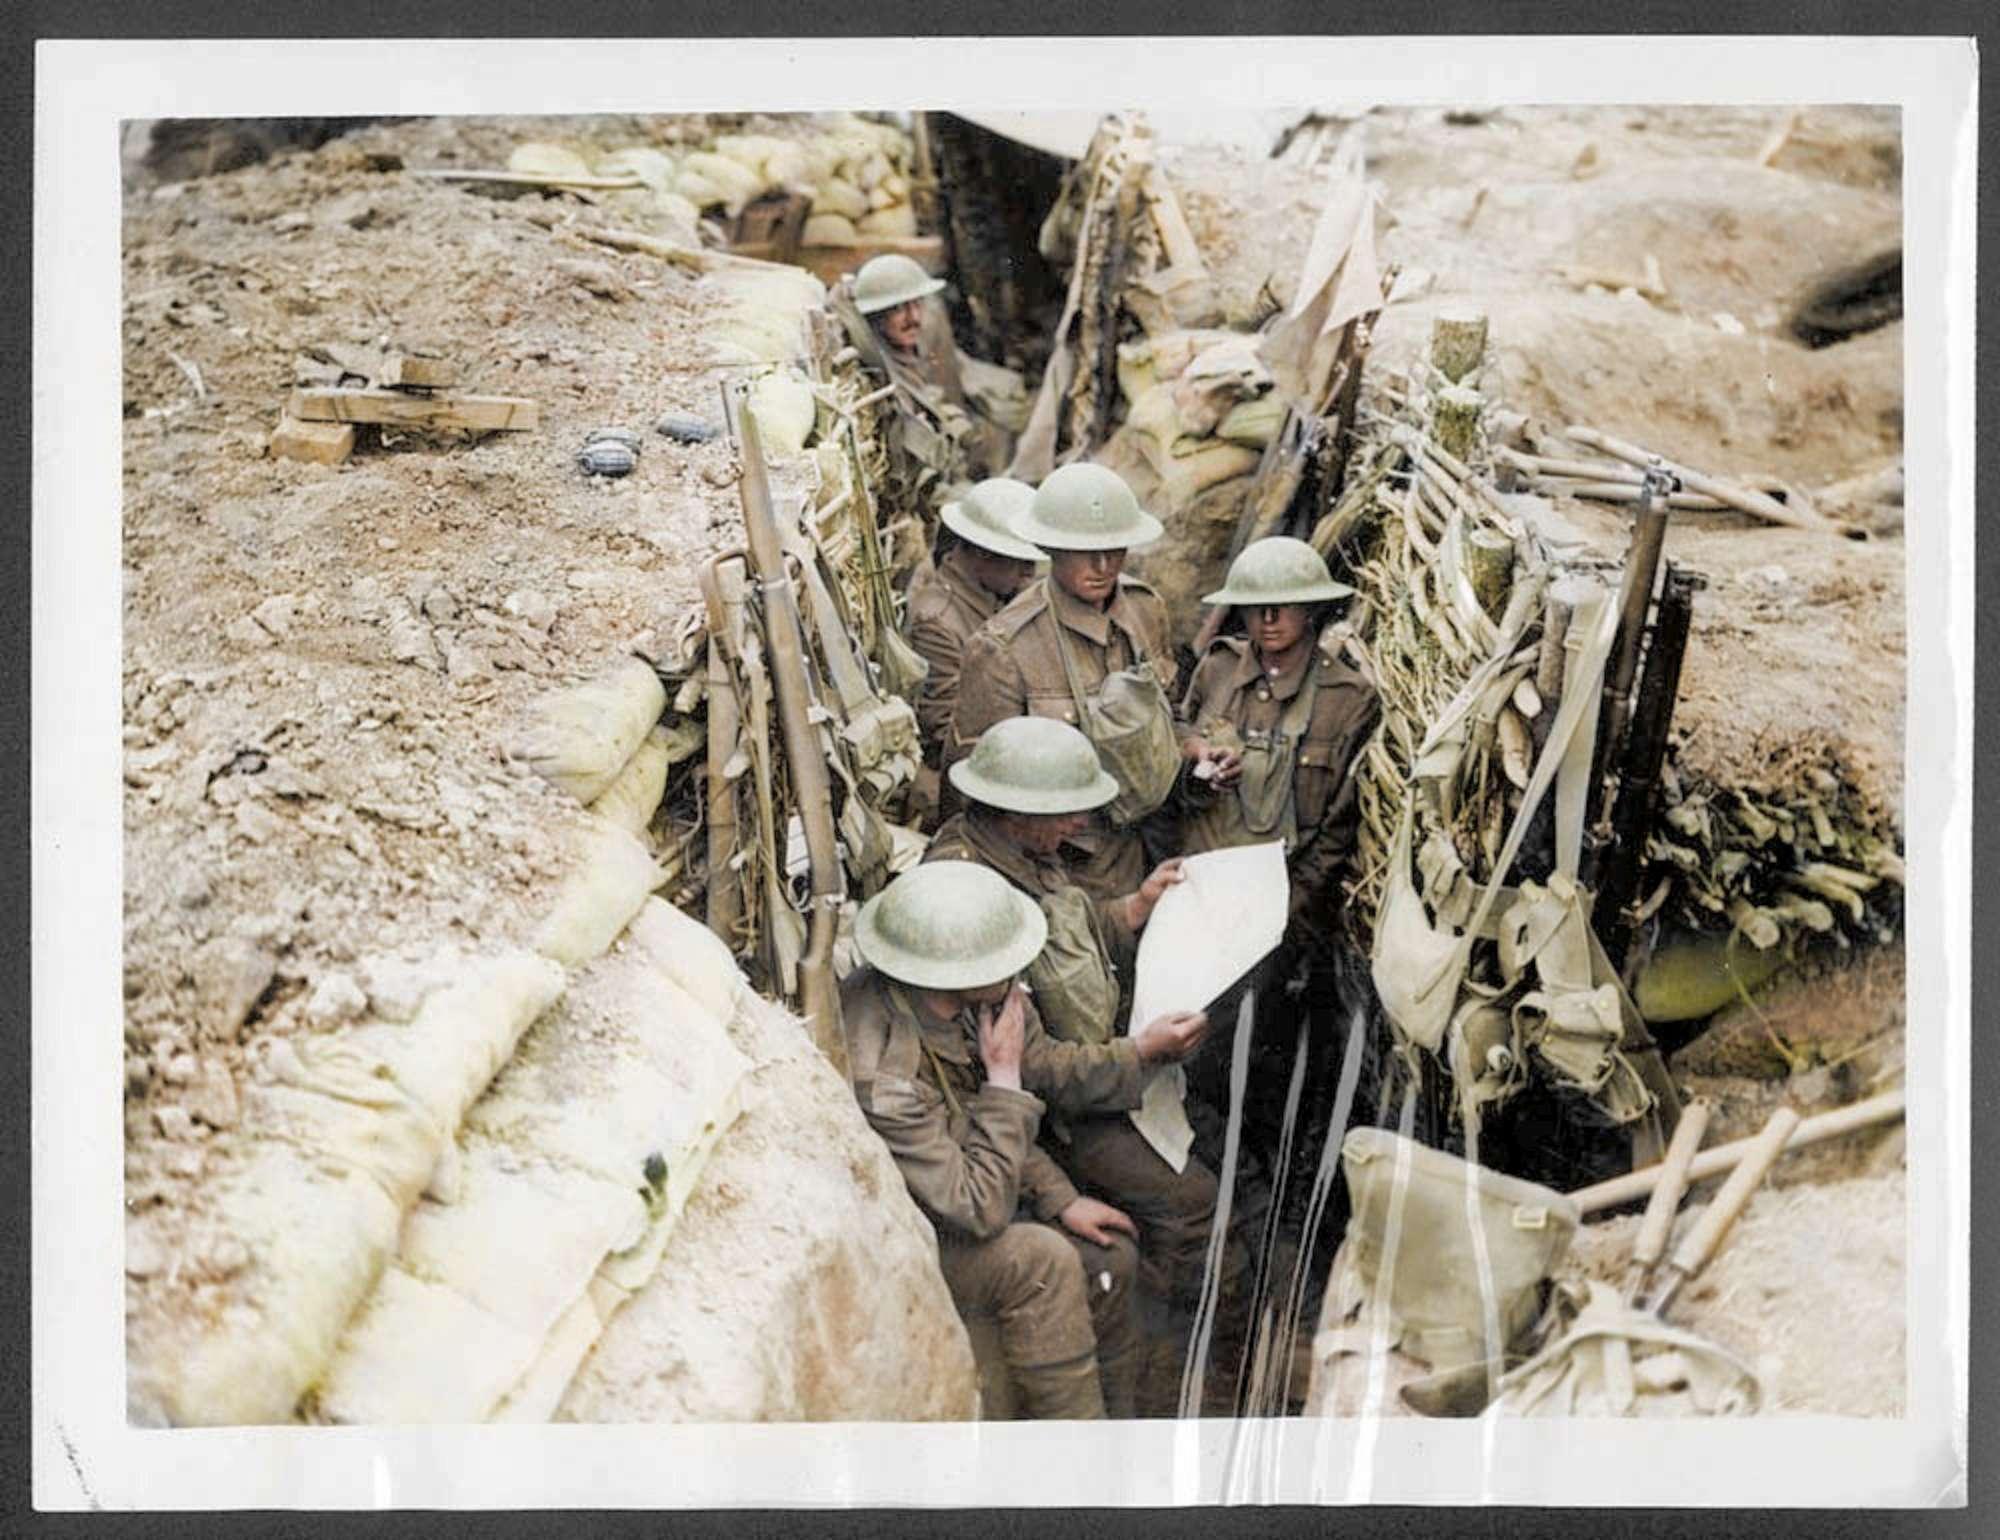 Le foto a colori dei reggimenti scozzesi durante la Prima Guerra Mondiale